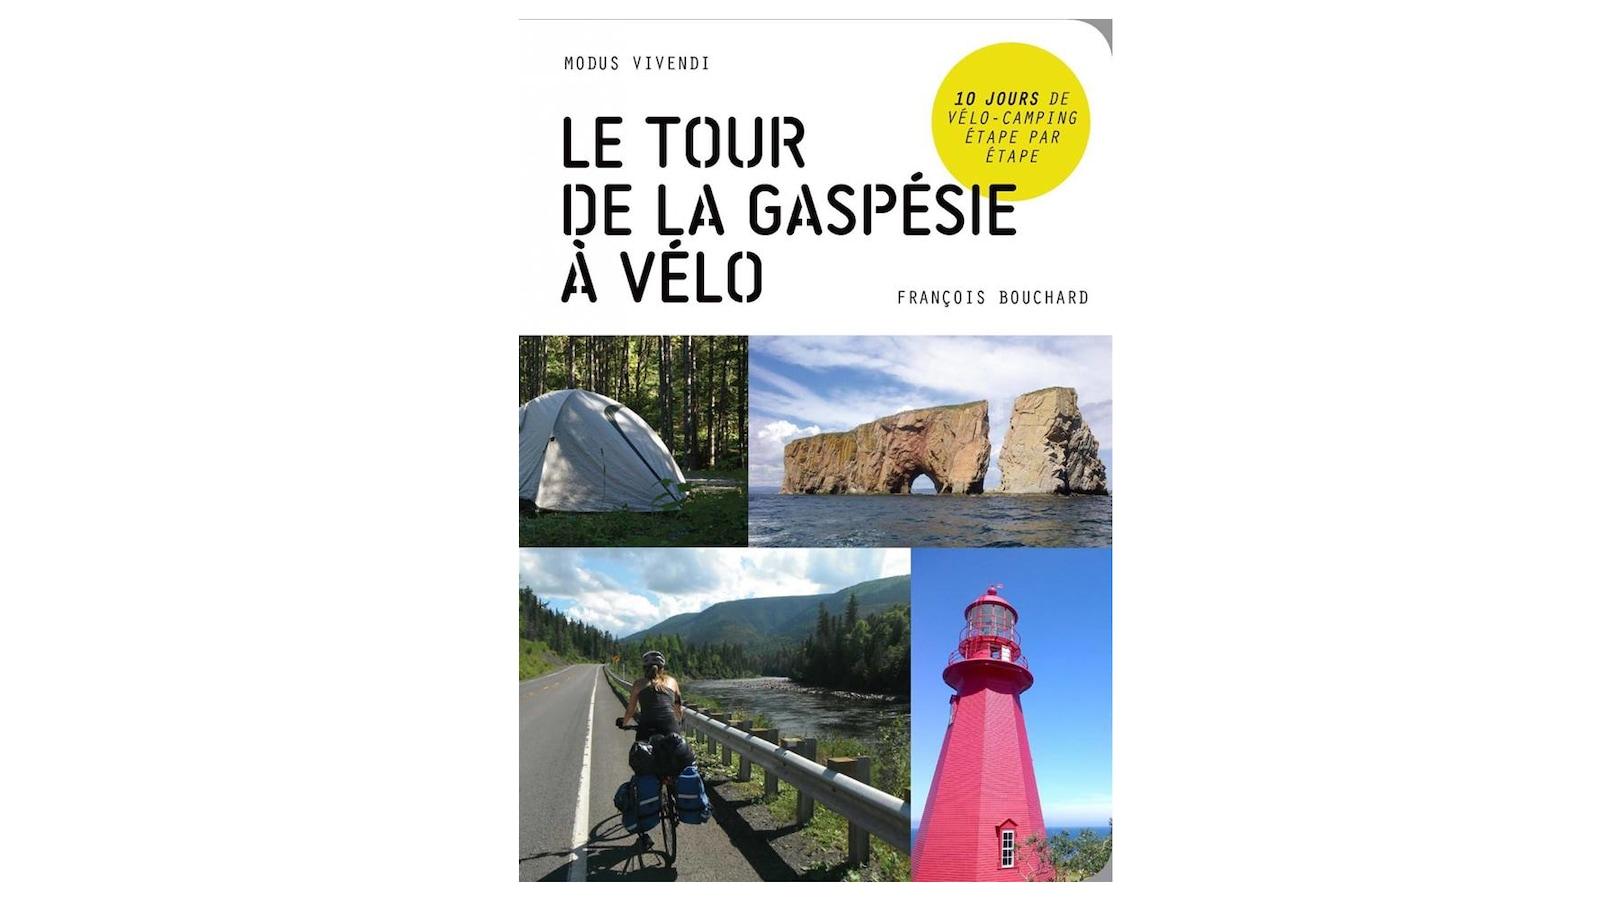 Le tour de la Gaspésie en vélo  Auteur : François Bouchard Publié en avril 2017 aux éditions Modus Vivendi